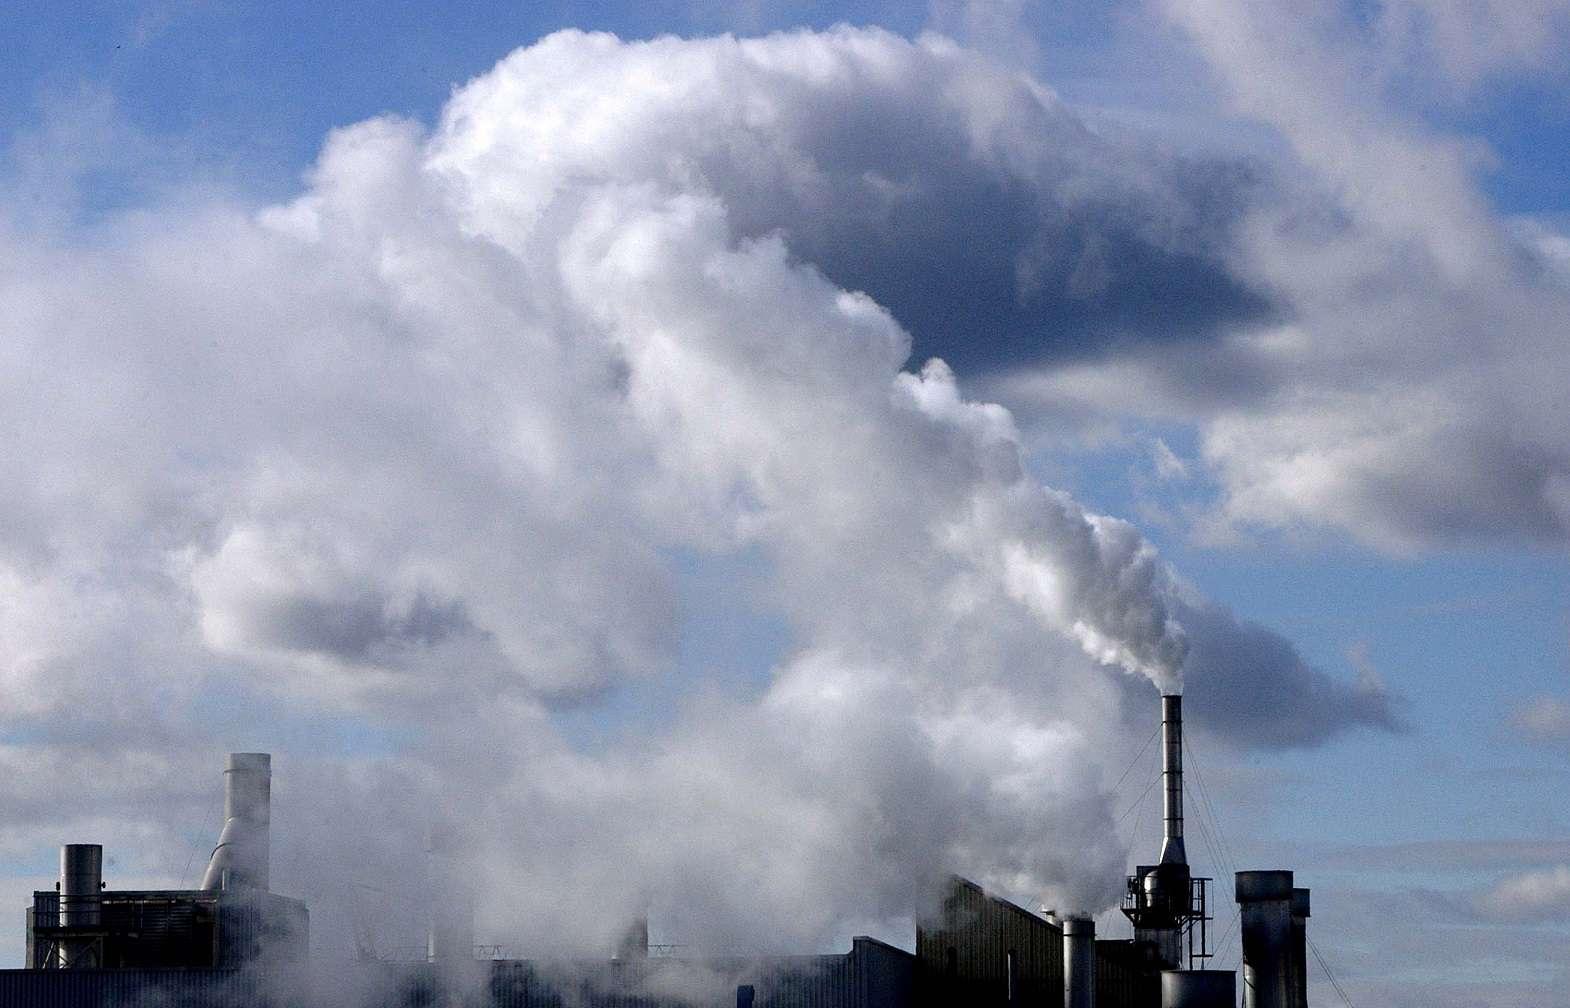 Réduire les émissions de gaz à effet de serre est une urgence au niveau mondial. © United Nations Photo/Kibae Park, Flickr, CC by nc nd 2.0